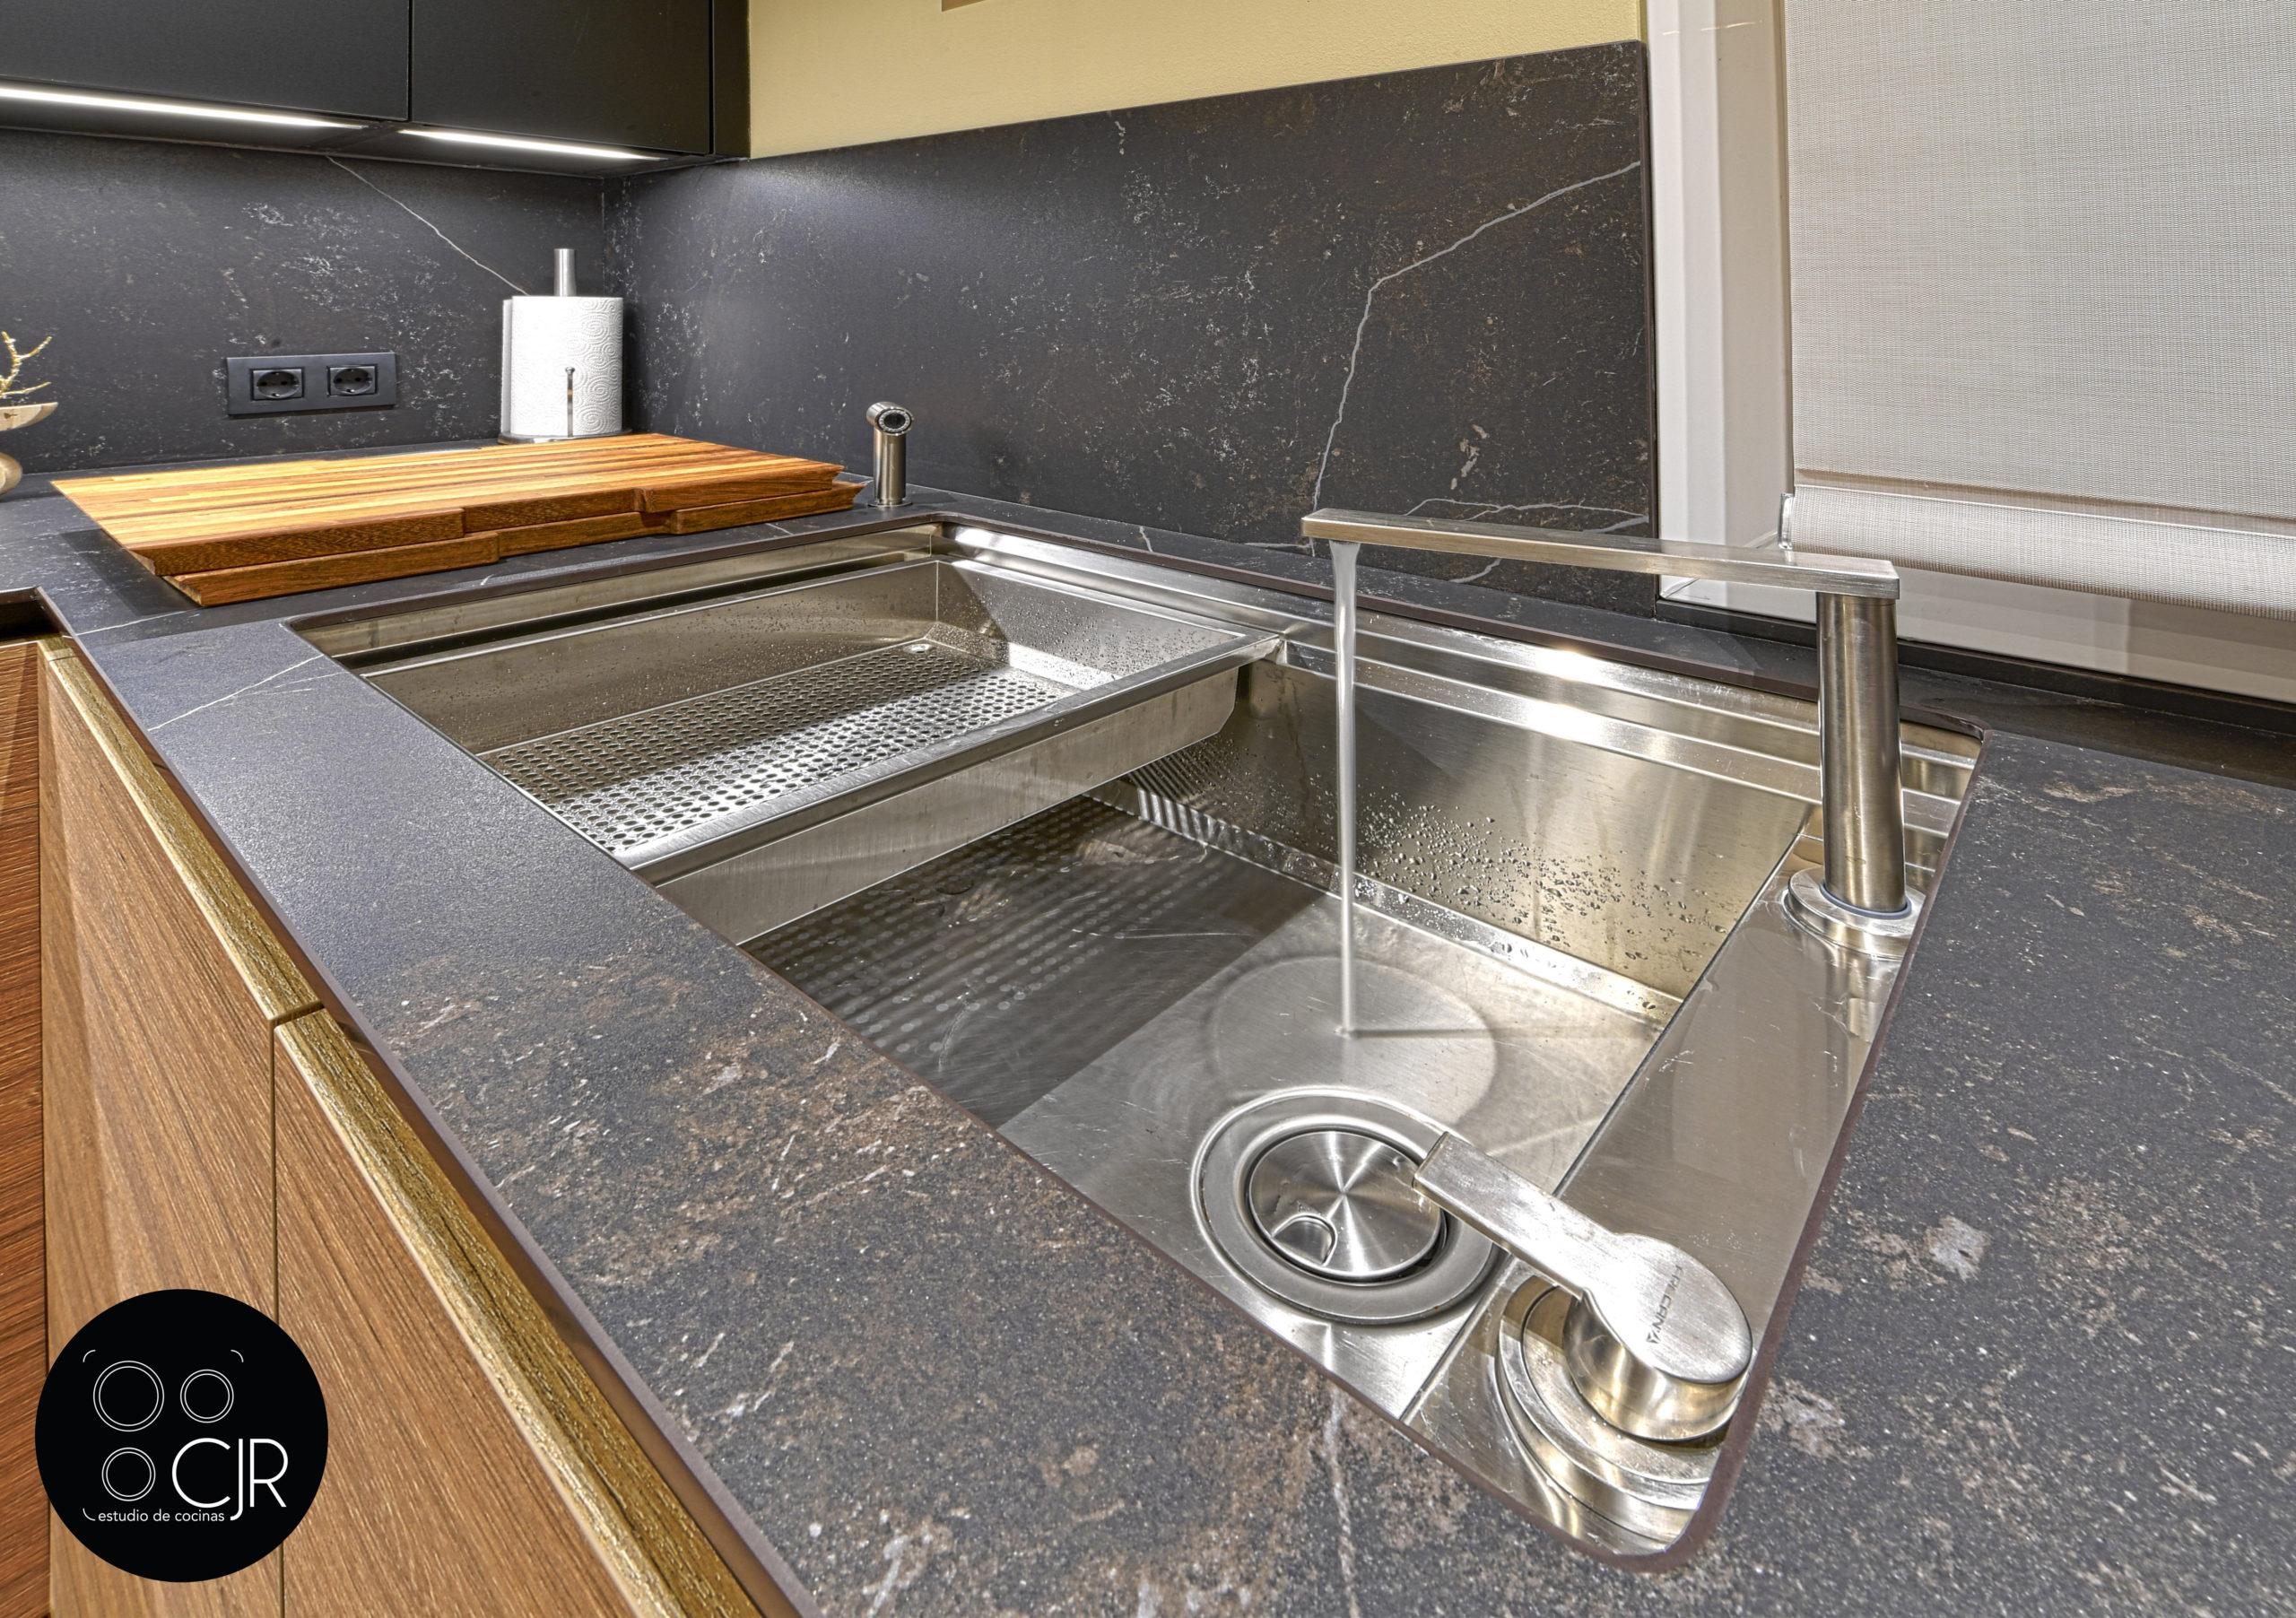 Fregadero con agua en la cocina moderna negra y madera